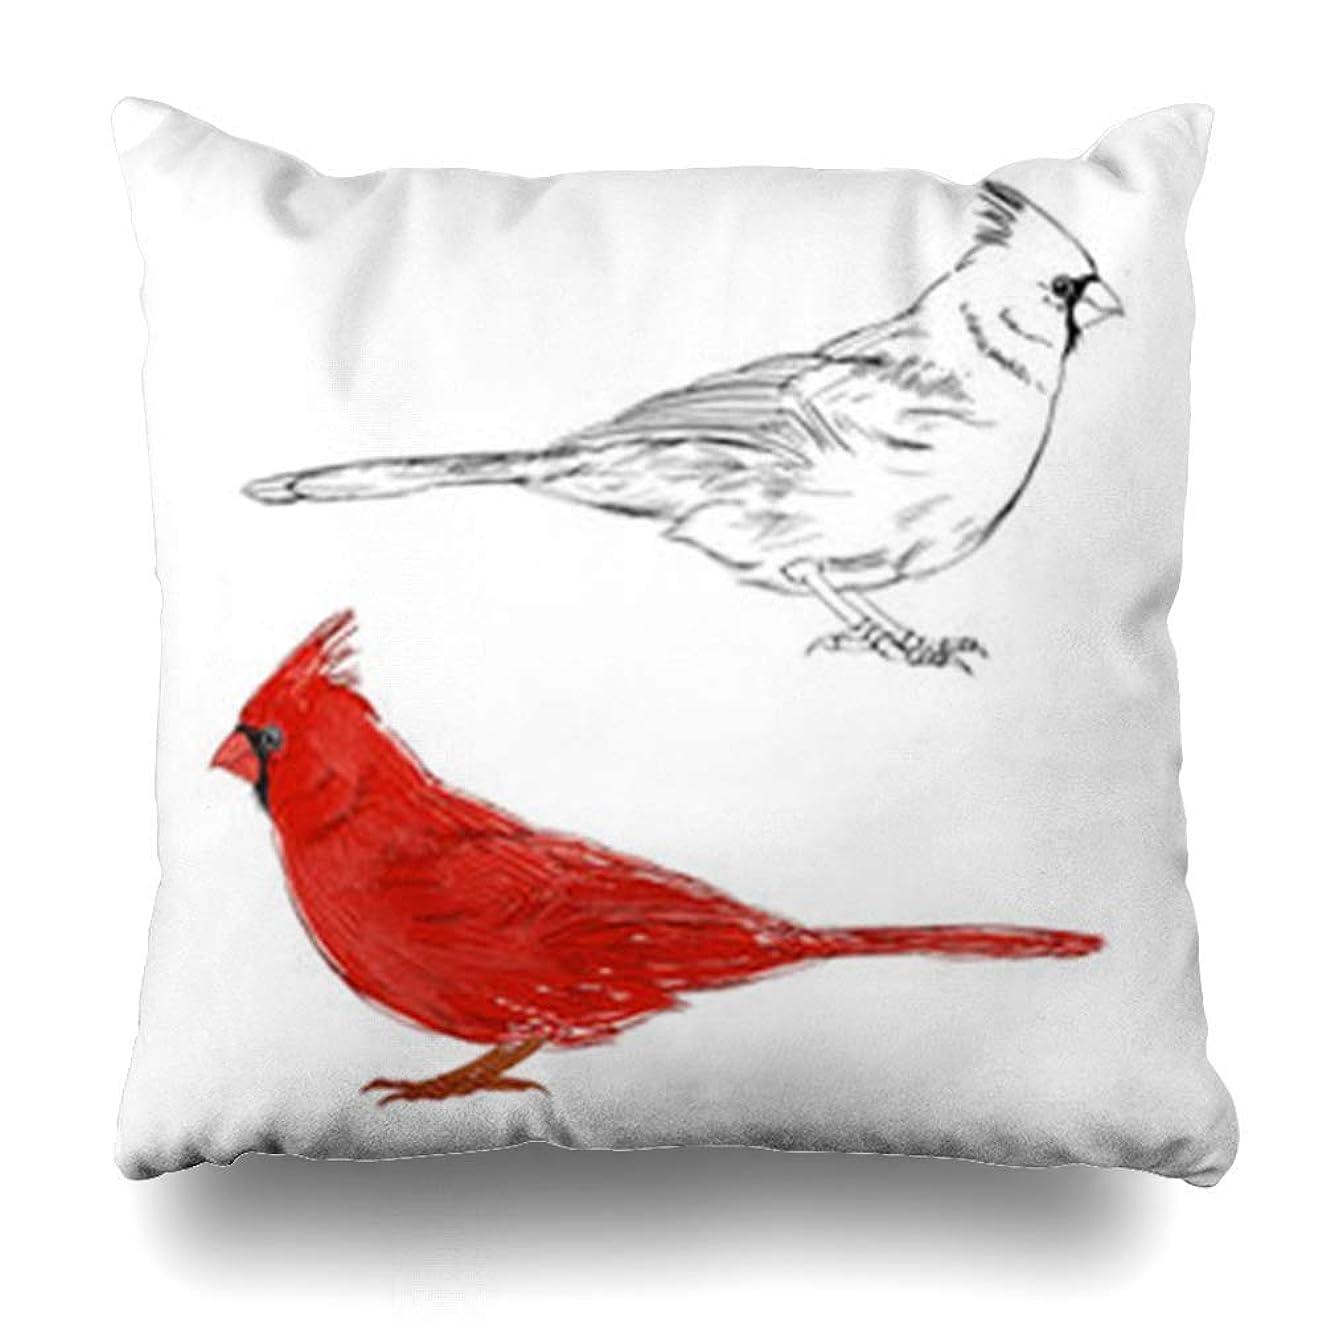 チョーク生産的復活する投げる枕カバー木の枝に座っている赤いくちばし北部の枢機inal野生生物自然鳥カットかわいい屋外家の装飾ソファ枕カバースクエアサイズ18 x 18インチクッションケース